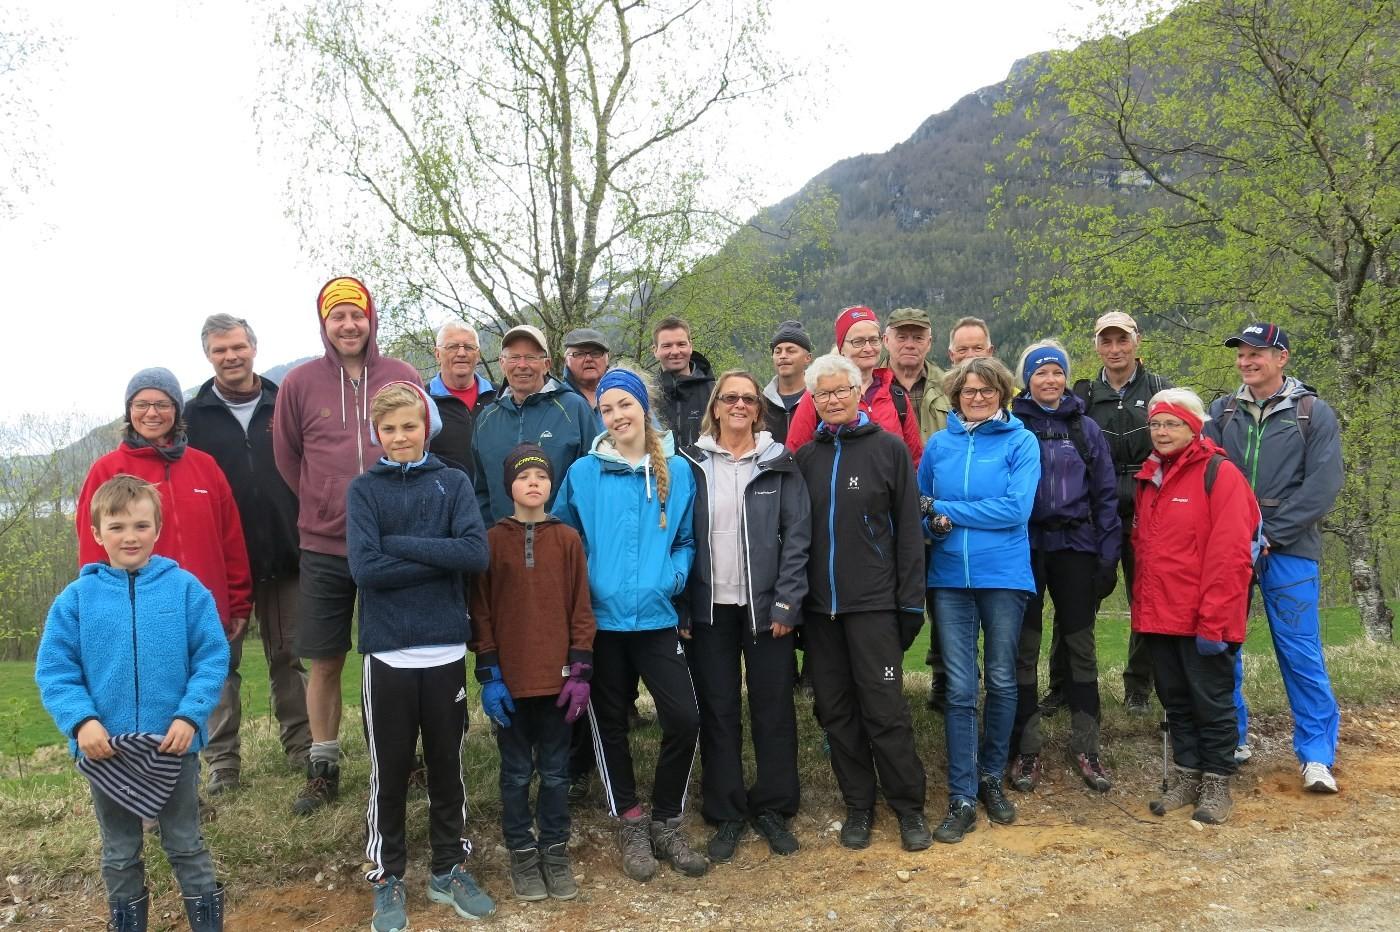 heile gjengen samla - klare for avmarsj til Storhaugen.  Foto: Dordi Jorunn Halle